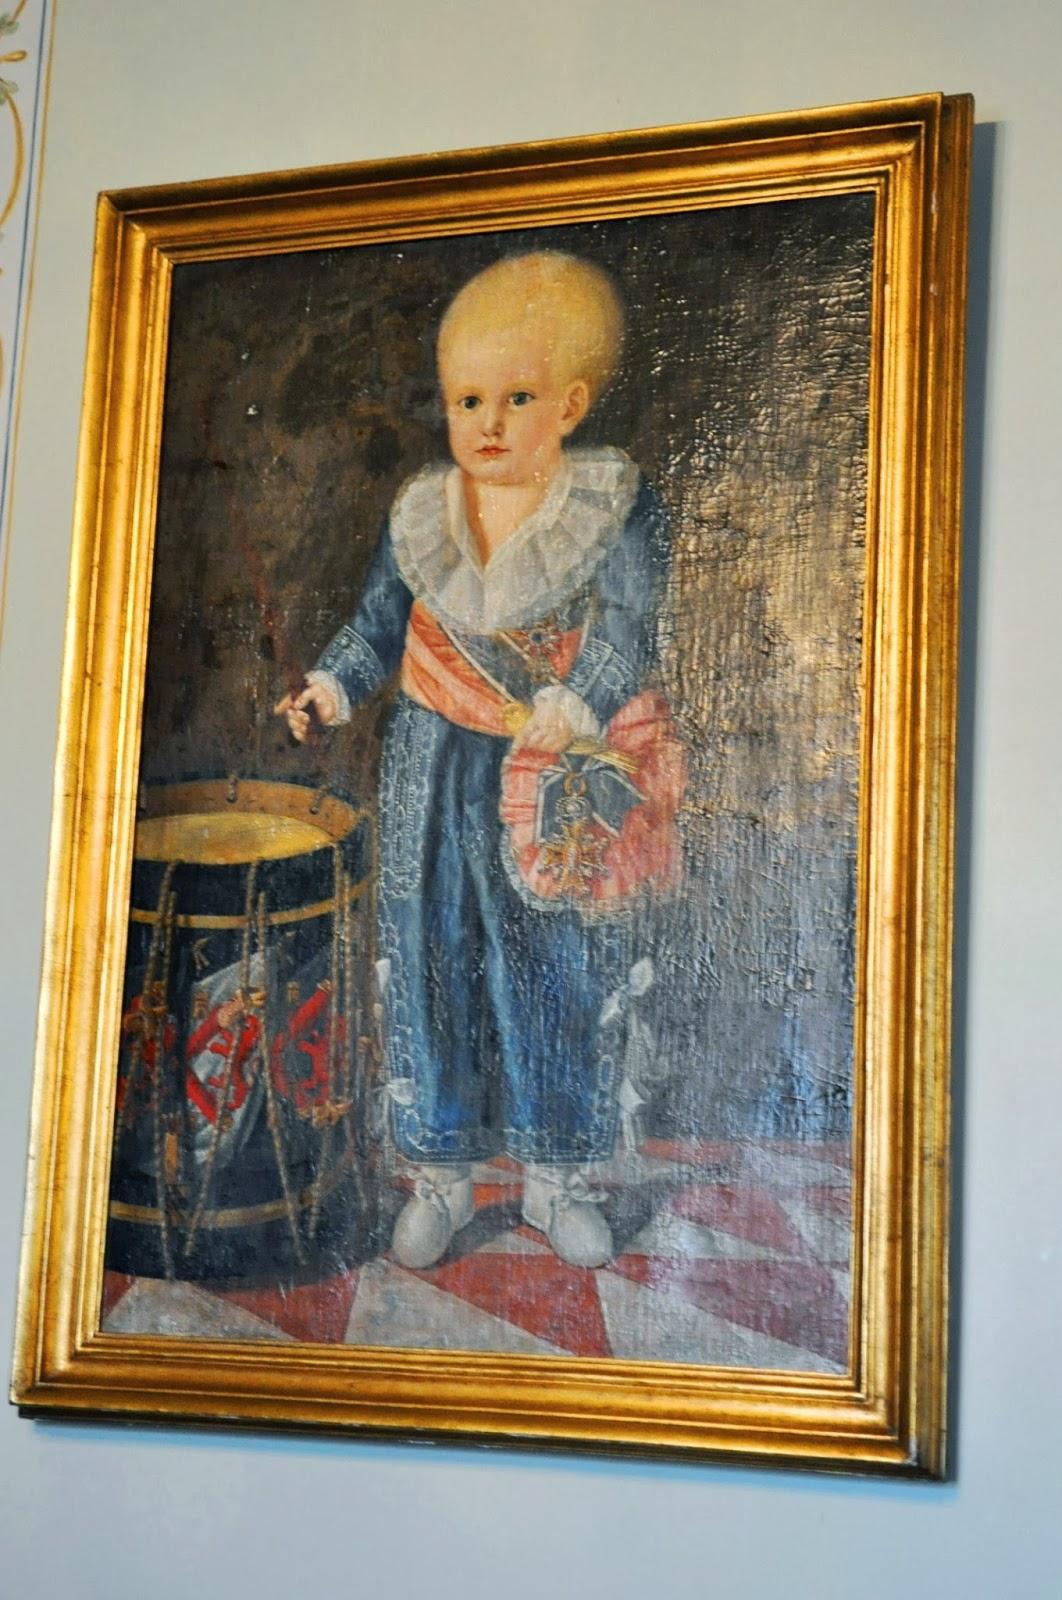 Португалските крале се женели само за най-близките си роднини - сестра, братовчед, леля... Резултатите са повече от видими по стените на двореца. Пълно е с портрети на малки уродливи принцове и принцеси. Детенцето от тази картина е болно от хидроцефалия.